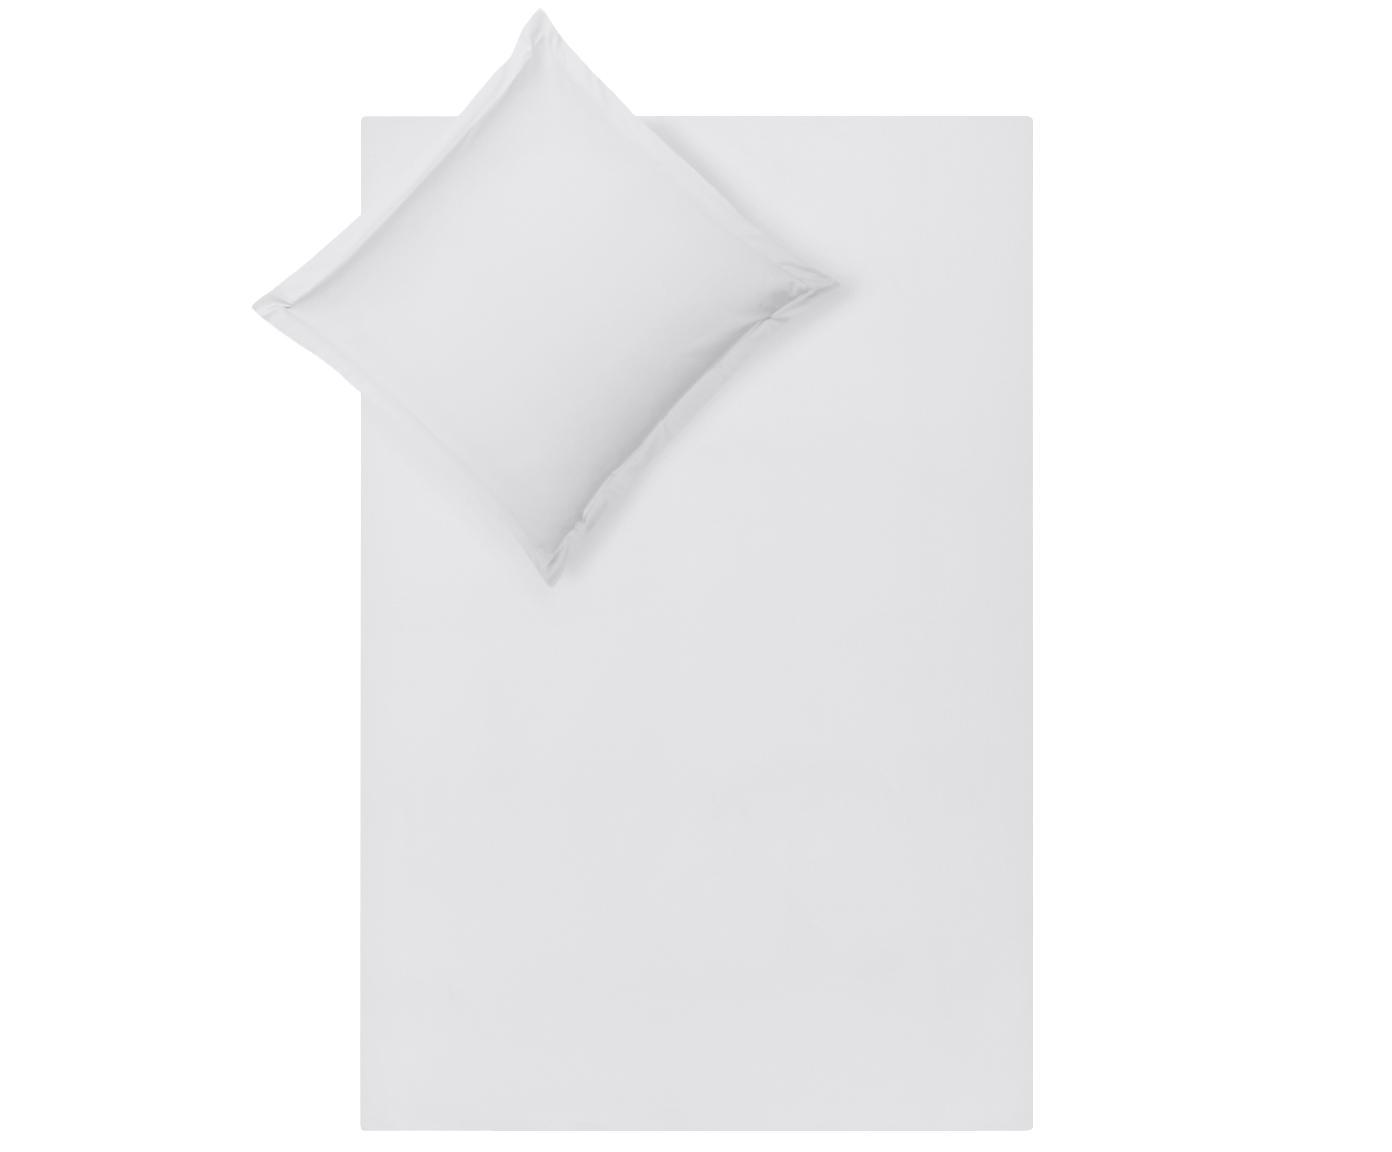 Pościel z satyny bawełnianej Premium, Jasny szary, 135 x 200 cm